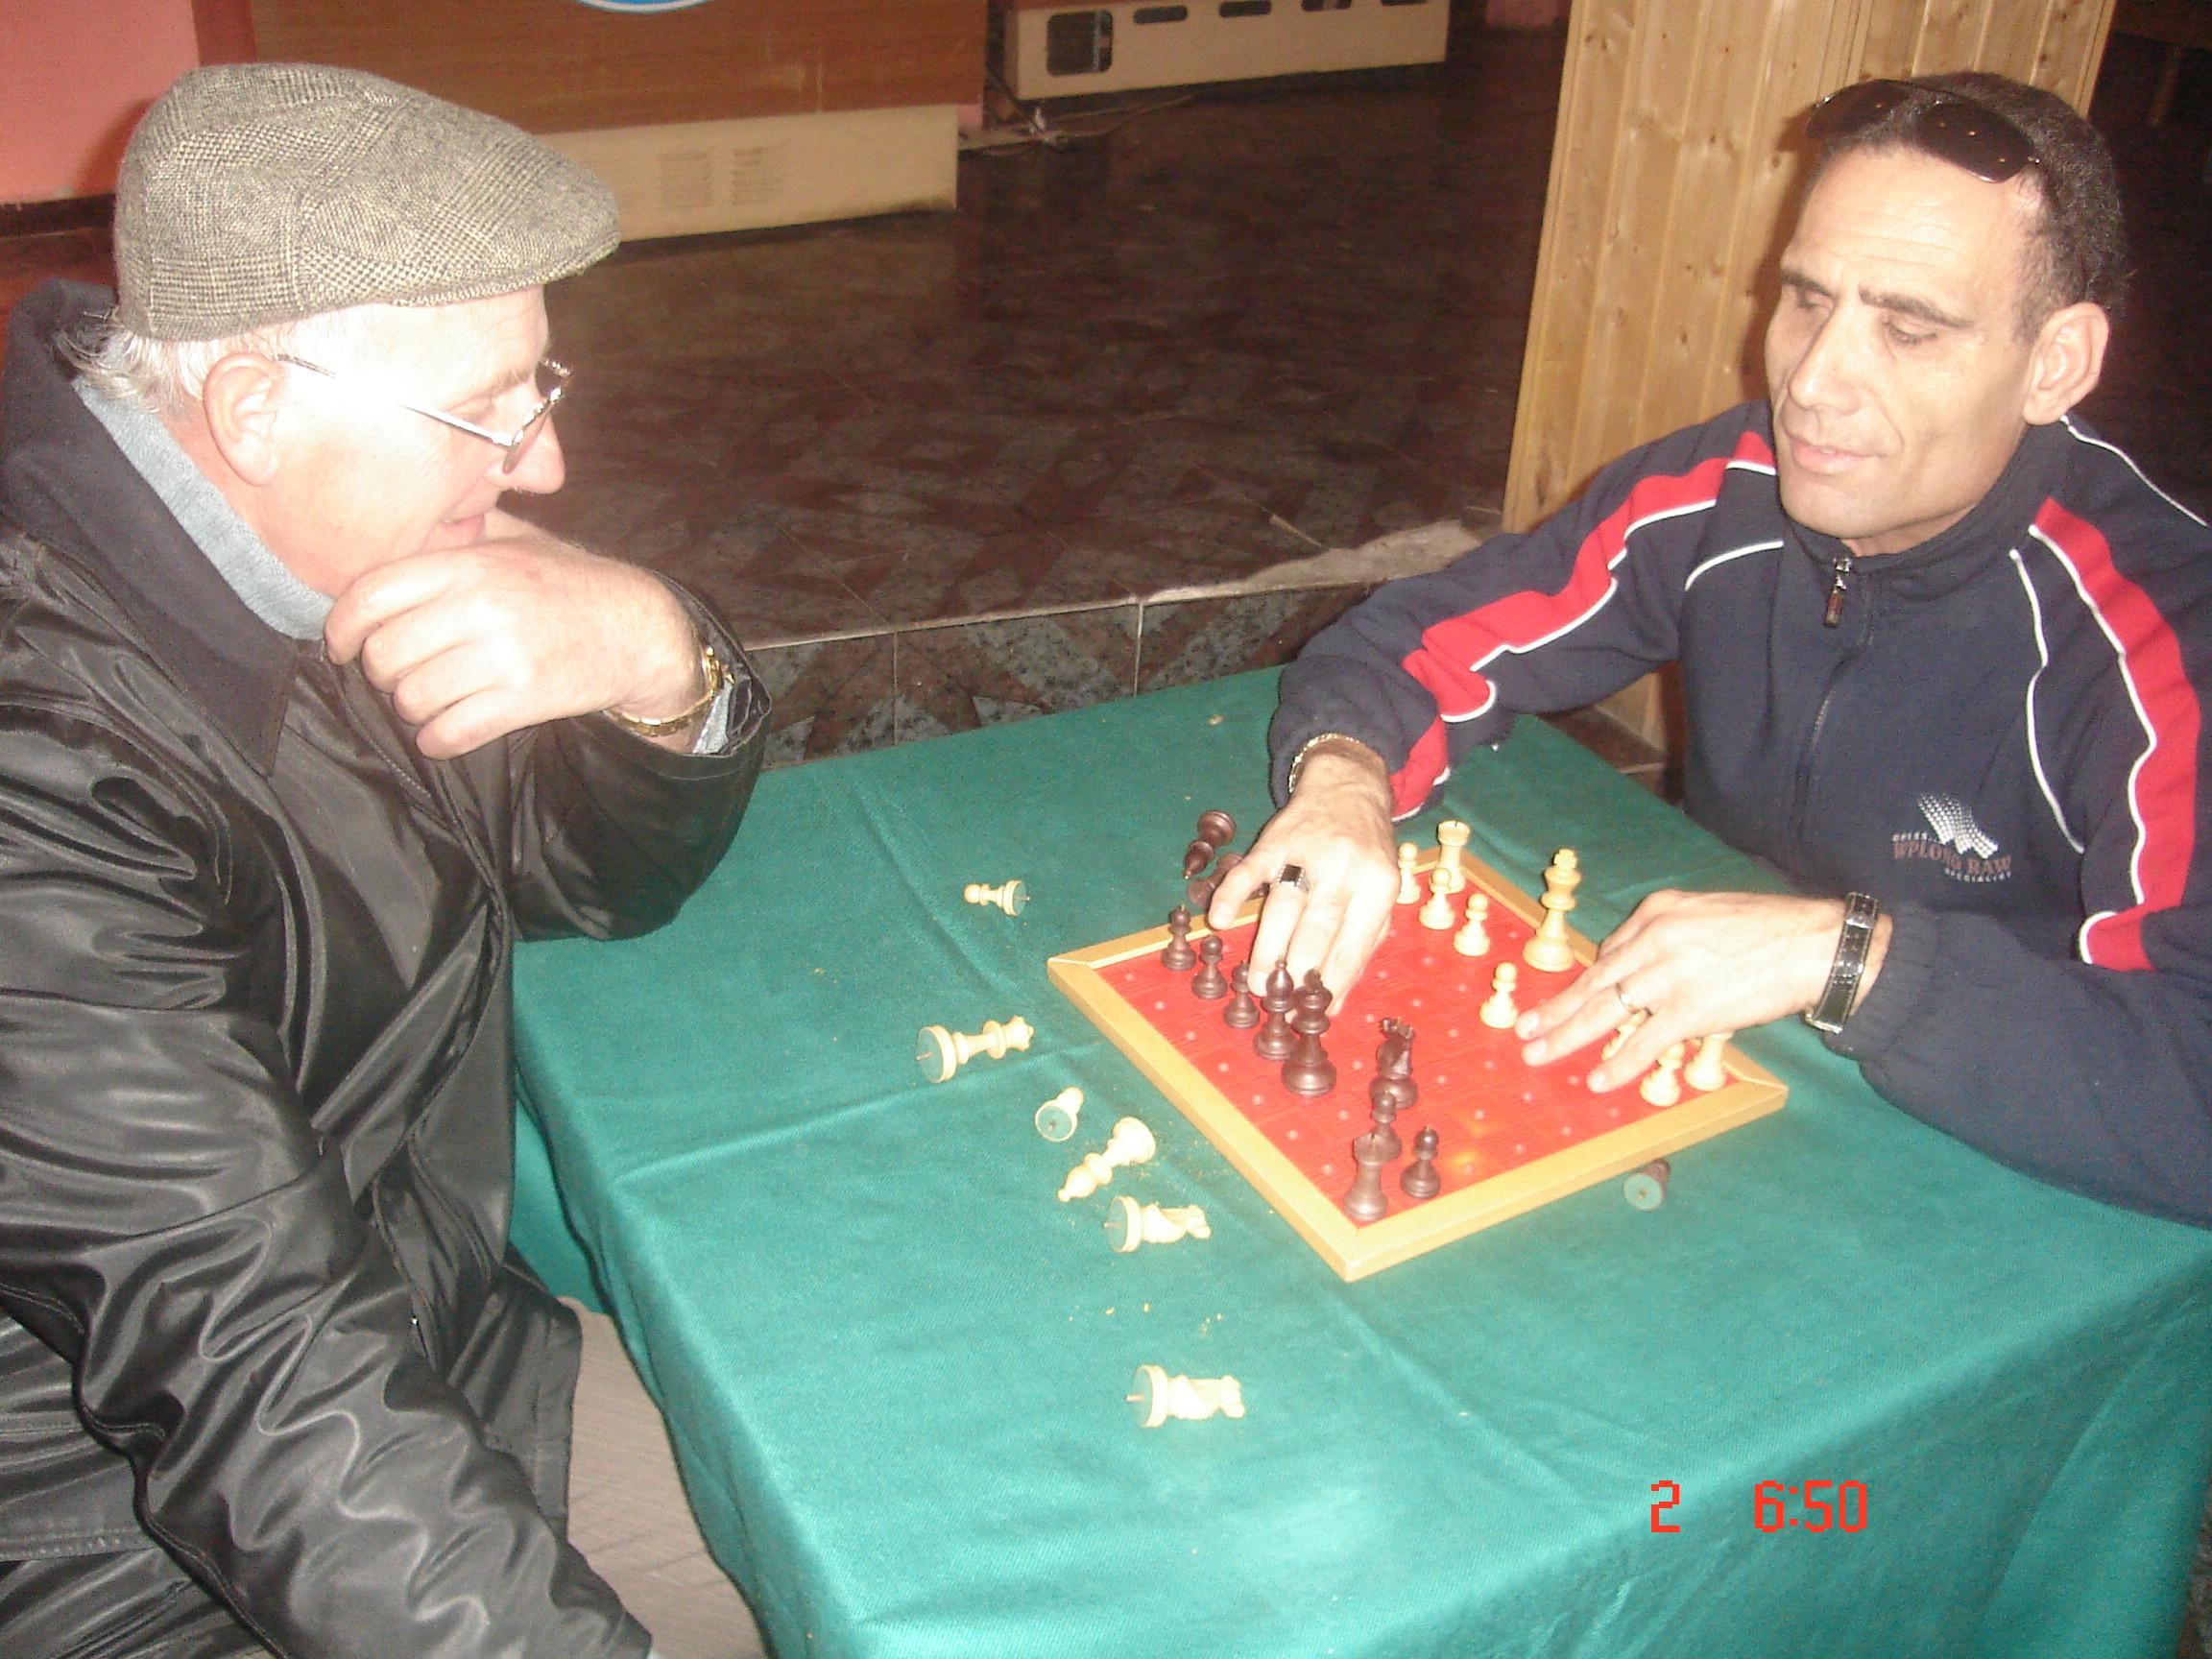 Kampionati i 8-te i shahut per te verber foto 5